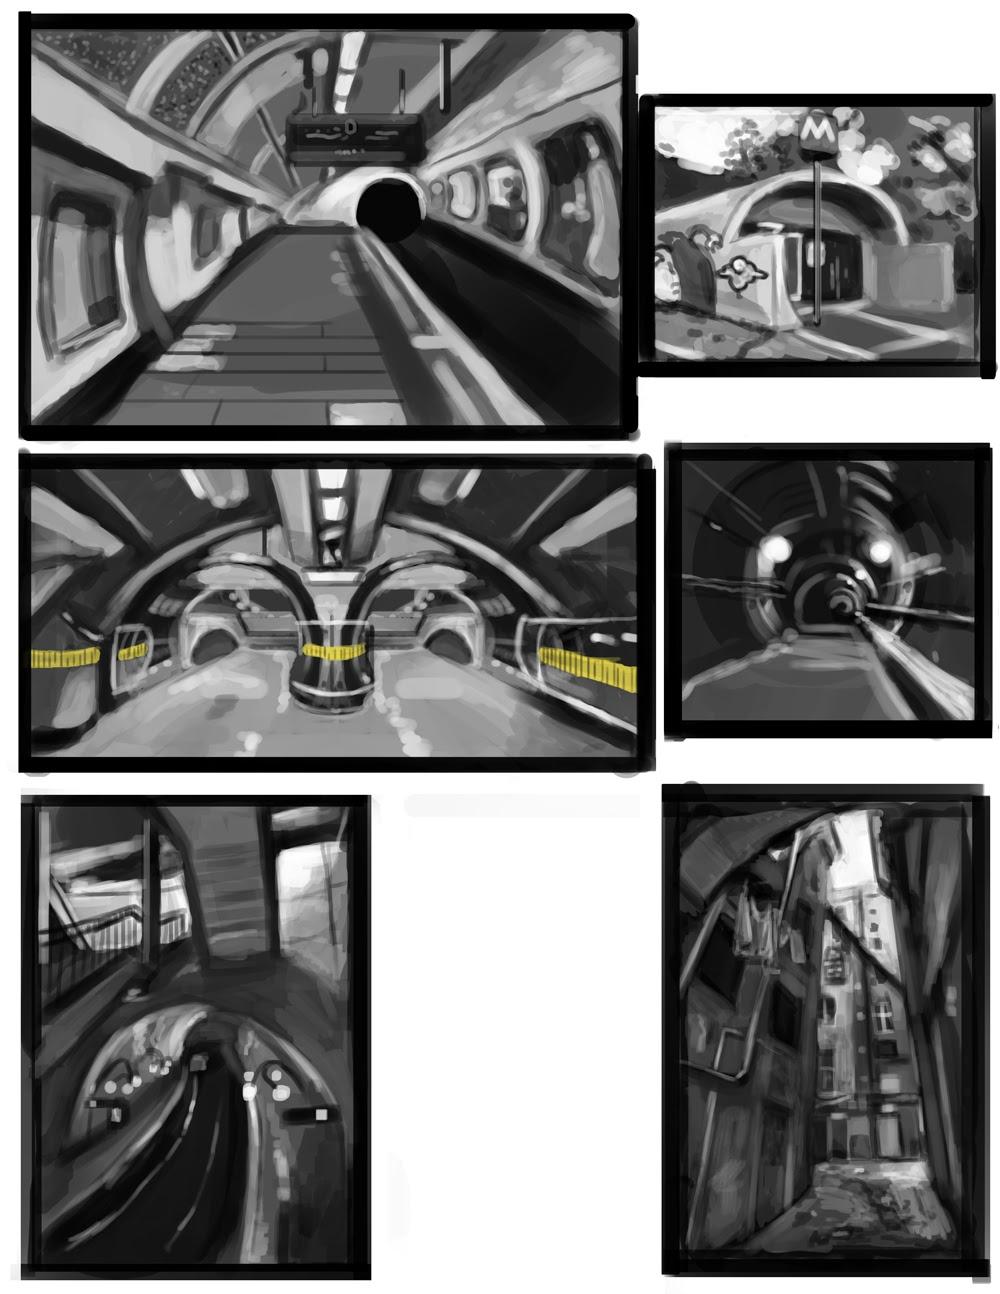 [Image: london-underground-sketches.jpg]